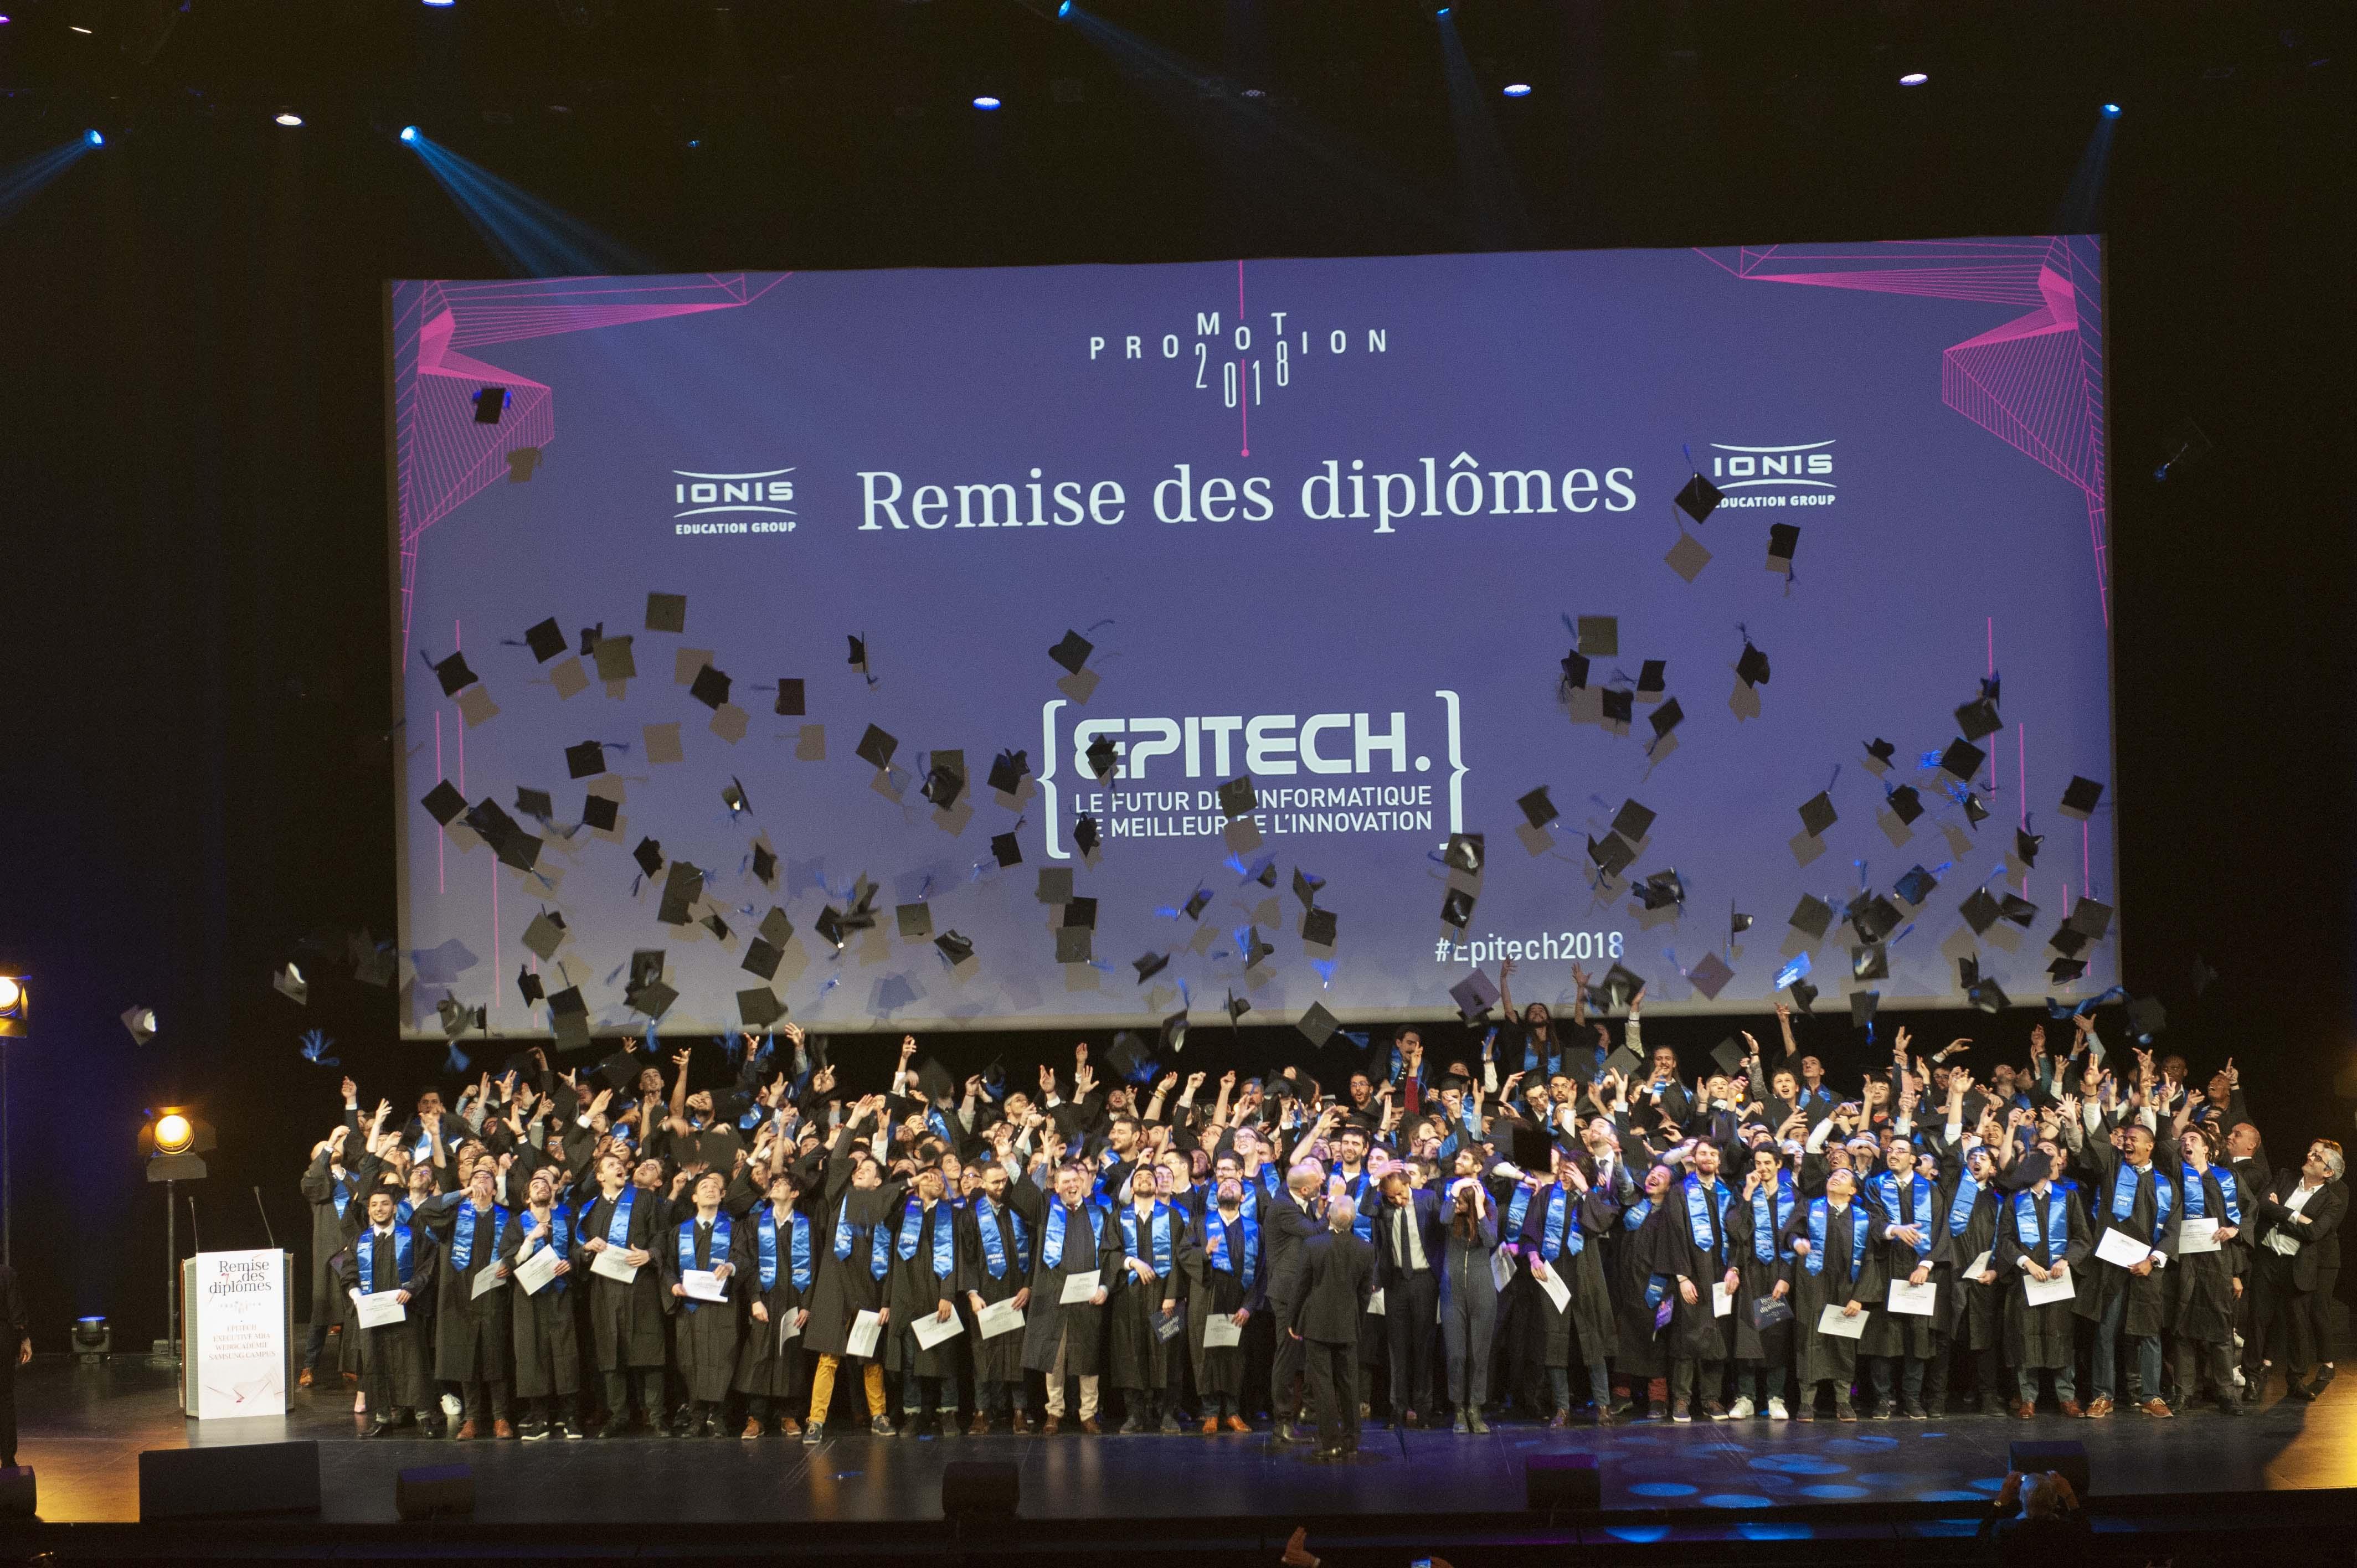 Cérémonie de remise des diplômes d'Expert Informatique - Epitech France